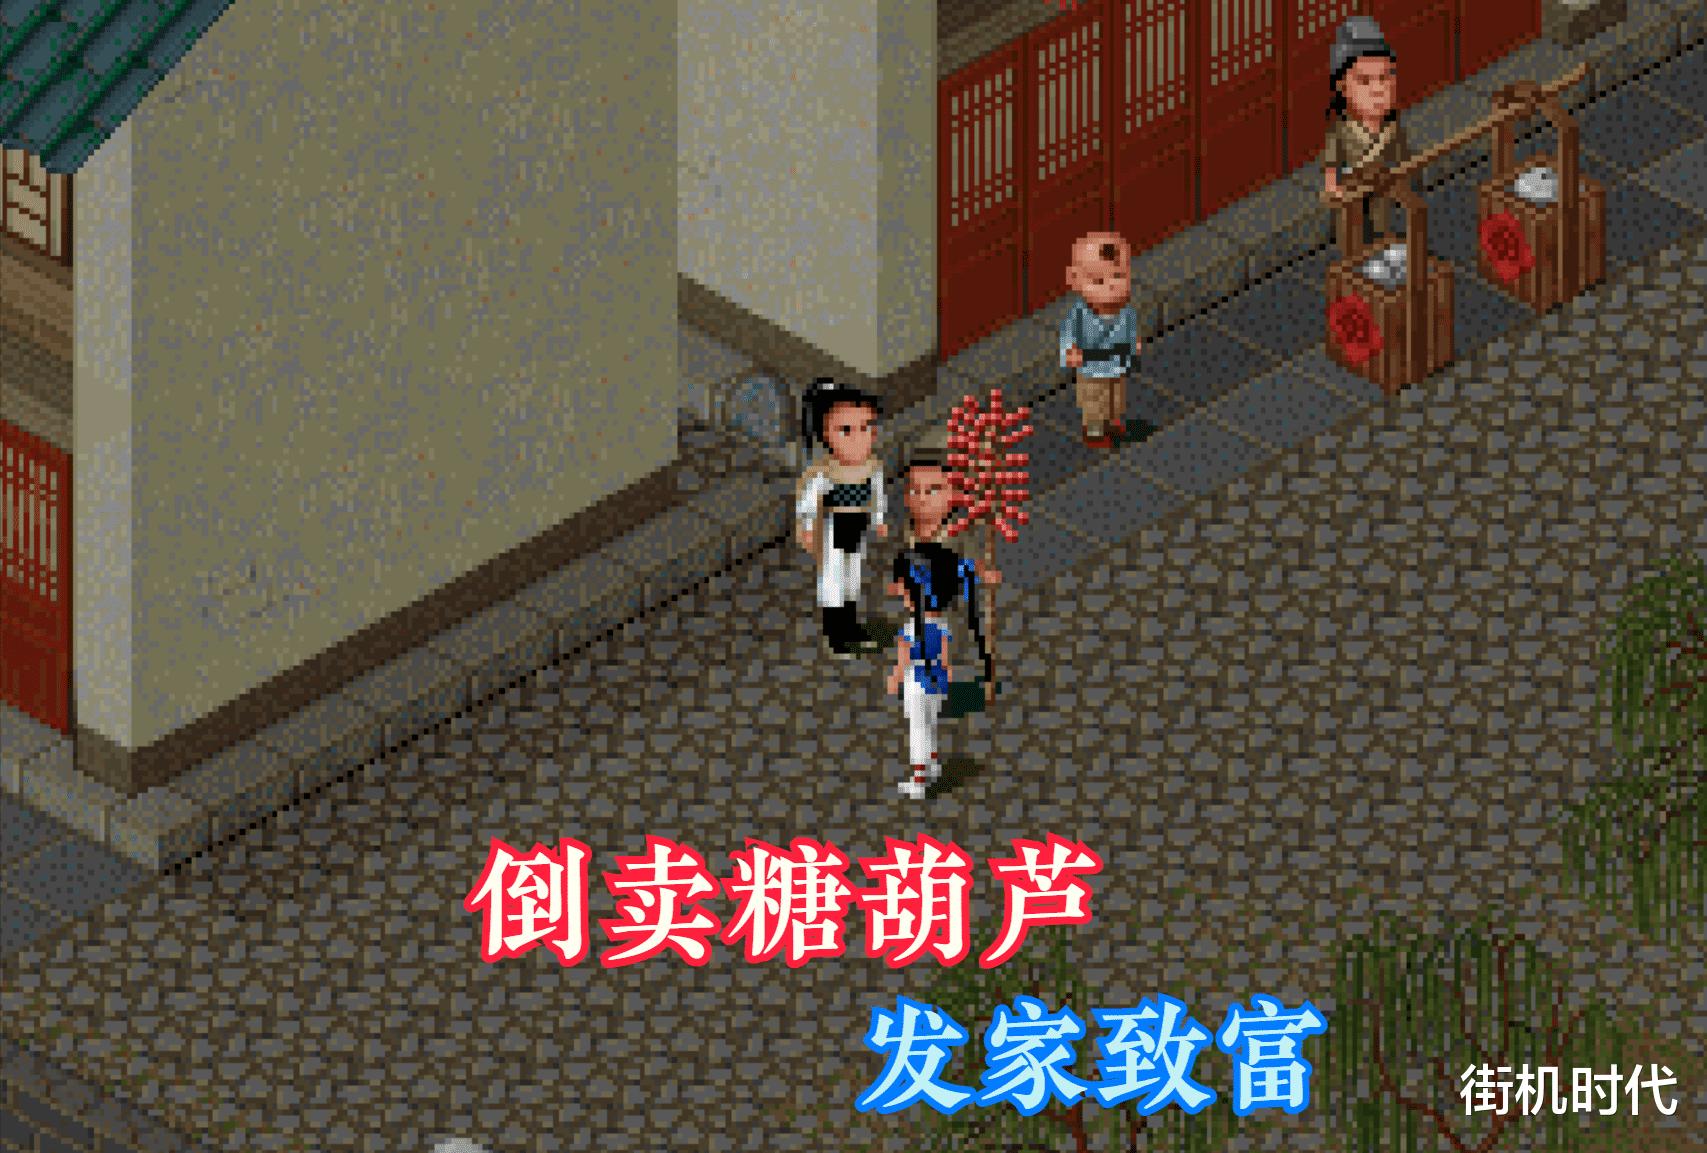 《【煜星娱乐注册官网】经典游戏《仙剑1》明明有钱就天下无敌,我费那个劲买金蚕王干嘛》